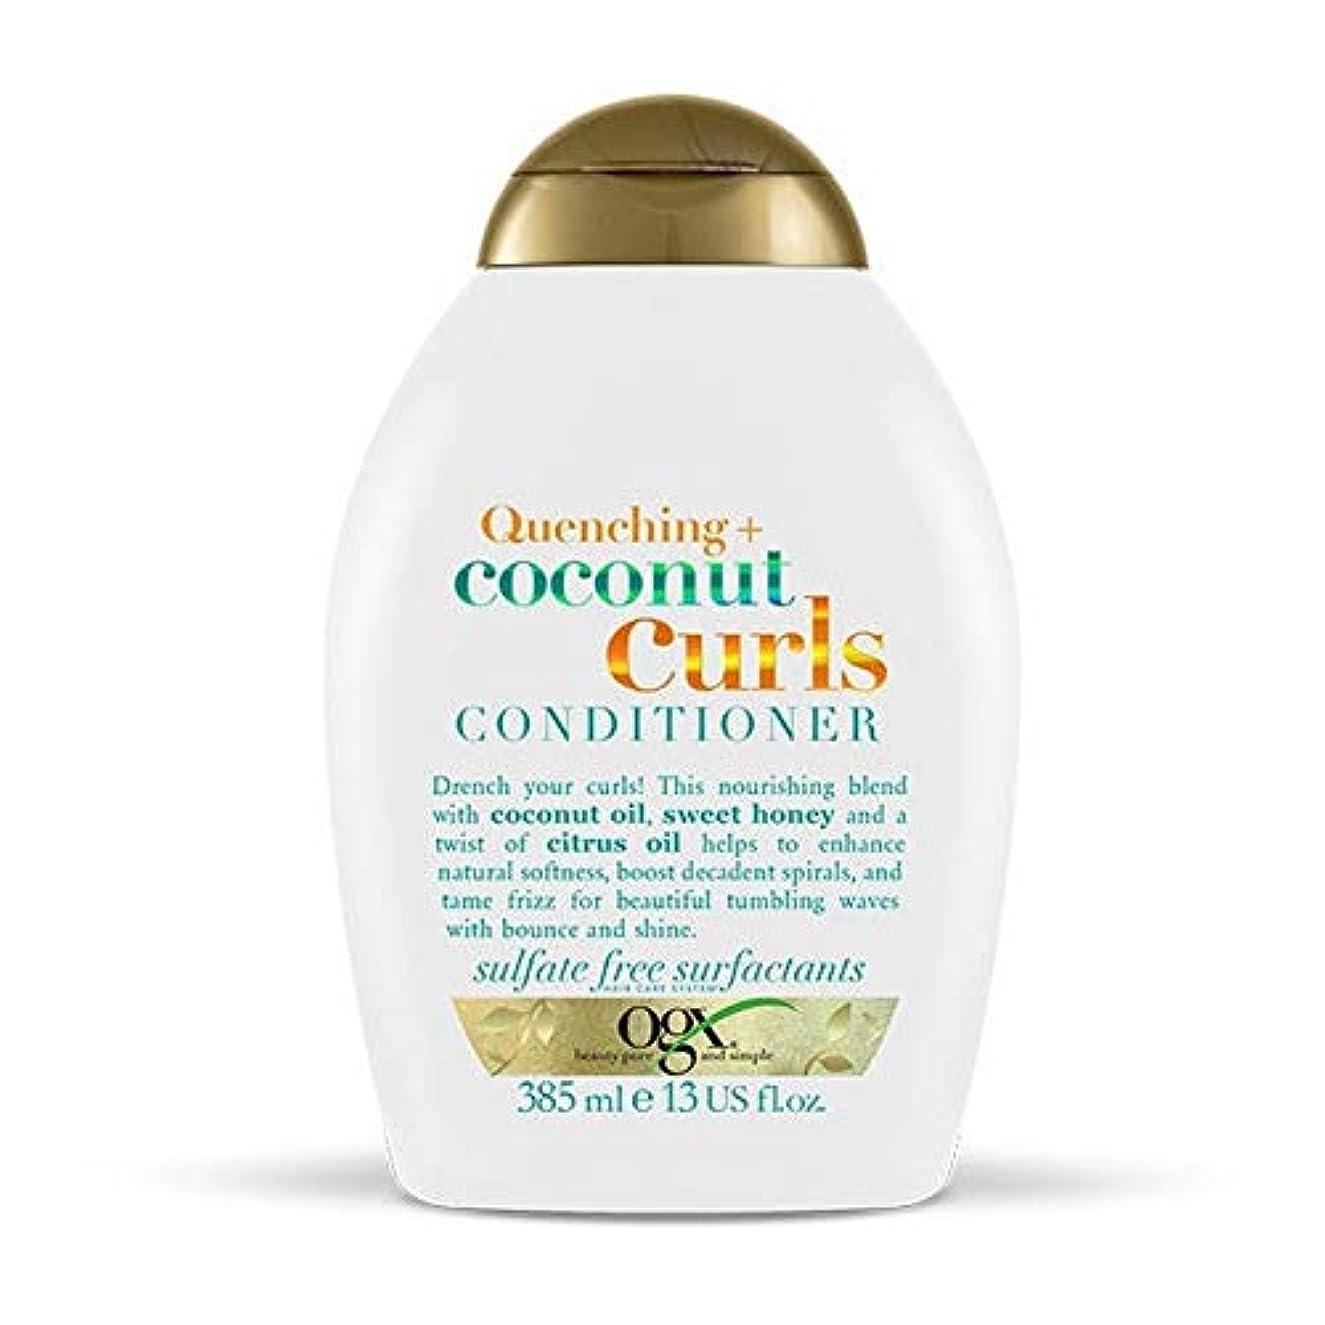 ミシン目兵器庫人差し指[Ogx] ココナッツカールコンディショナー385ミリリットルを急冷Ogx - OGX Quenching Coconut Curls Conditioner 385ml [並行輸入品]